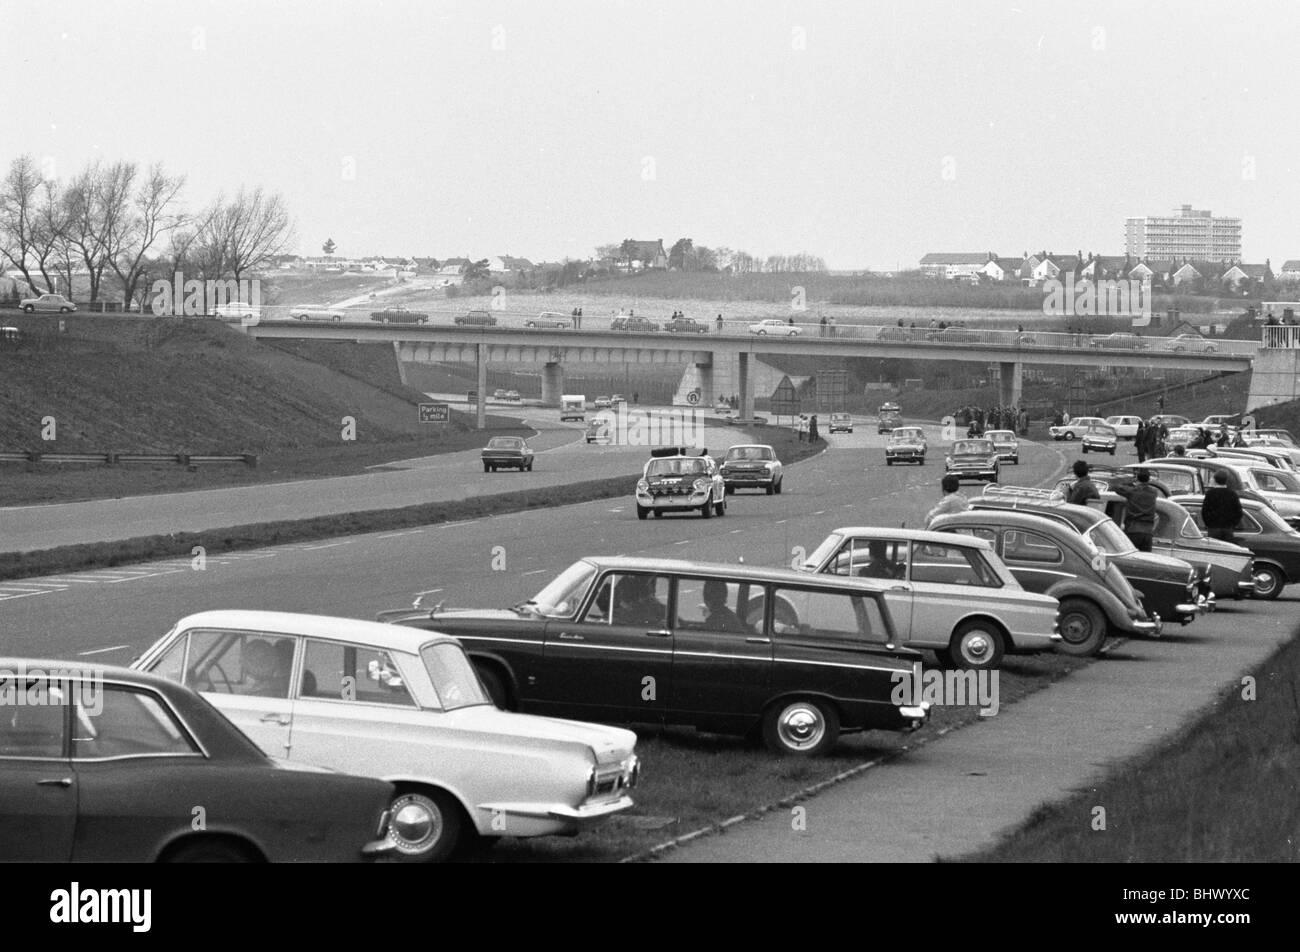 Gli spettatori la linea autostradale a guardare i concorrenti nel 1970 Daily Mirror Coppa del Mondo Rally. N. 3 Immagini Stock